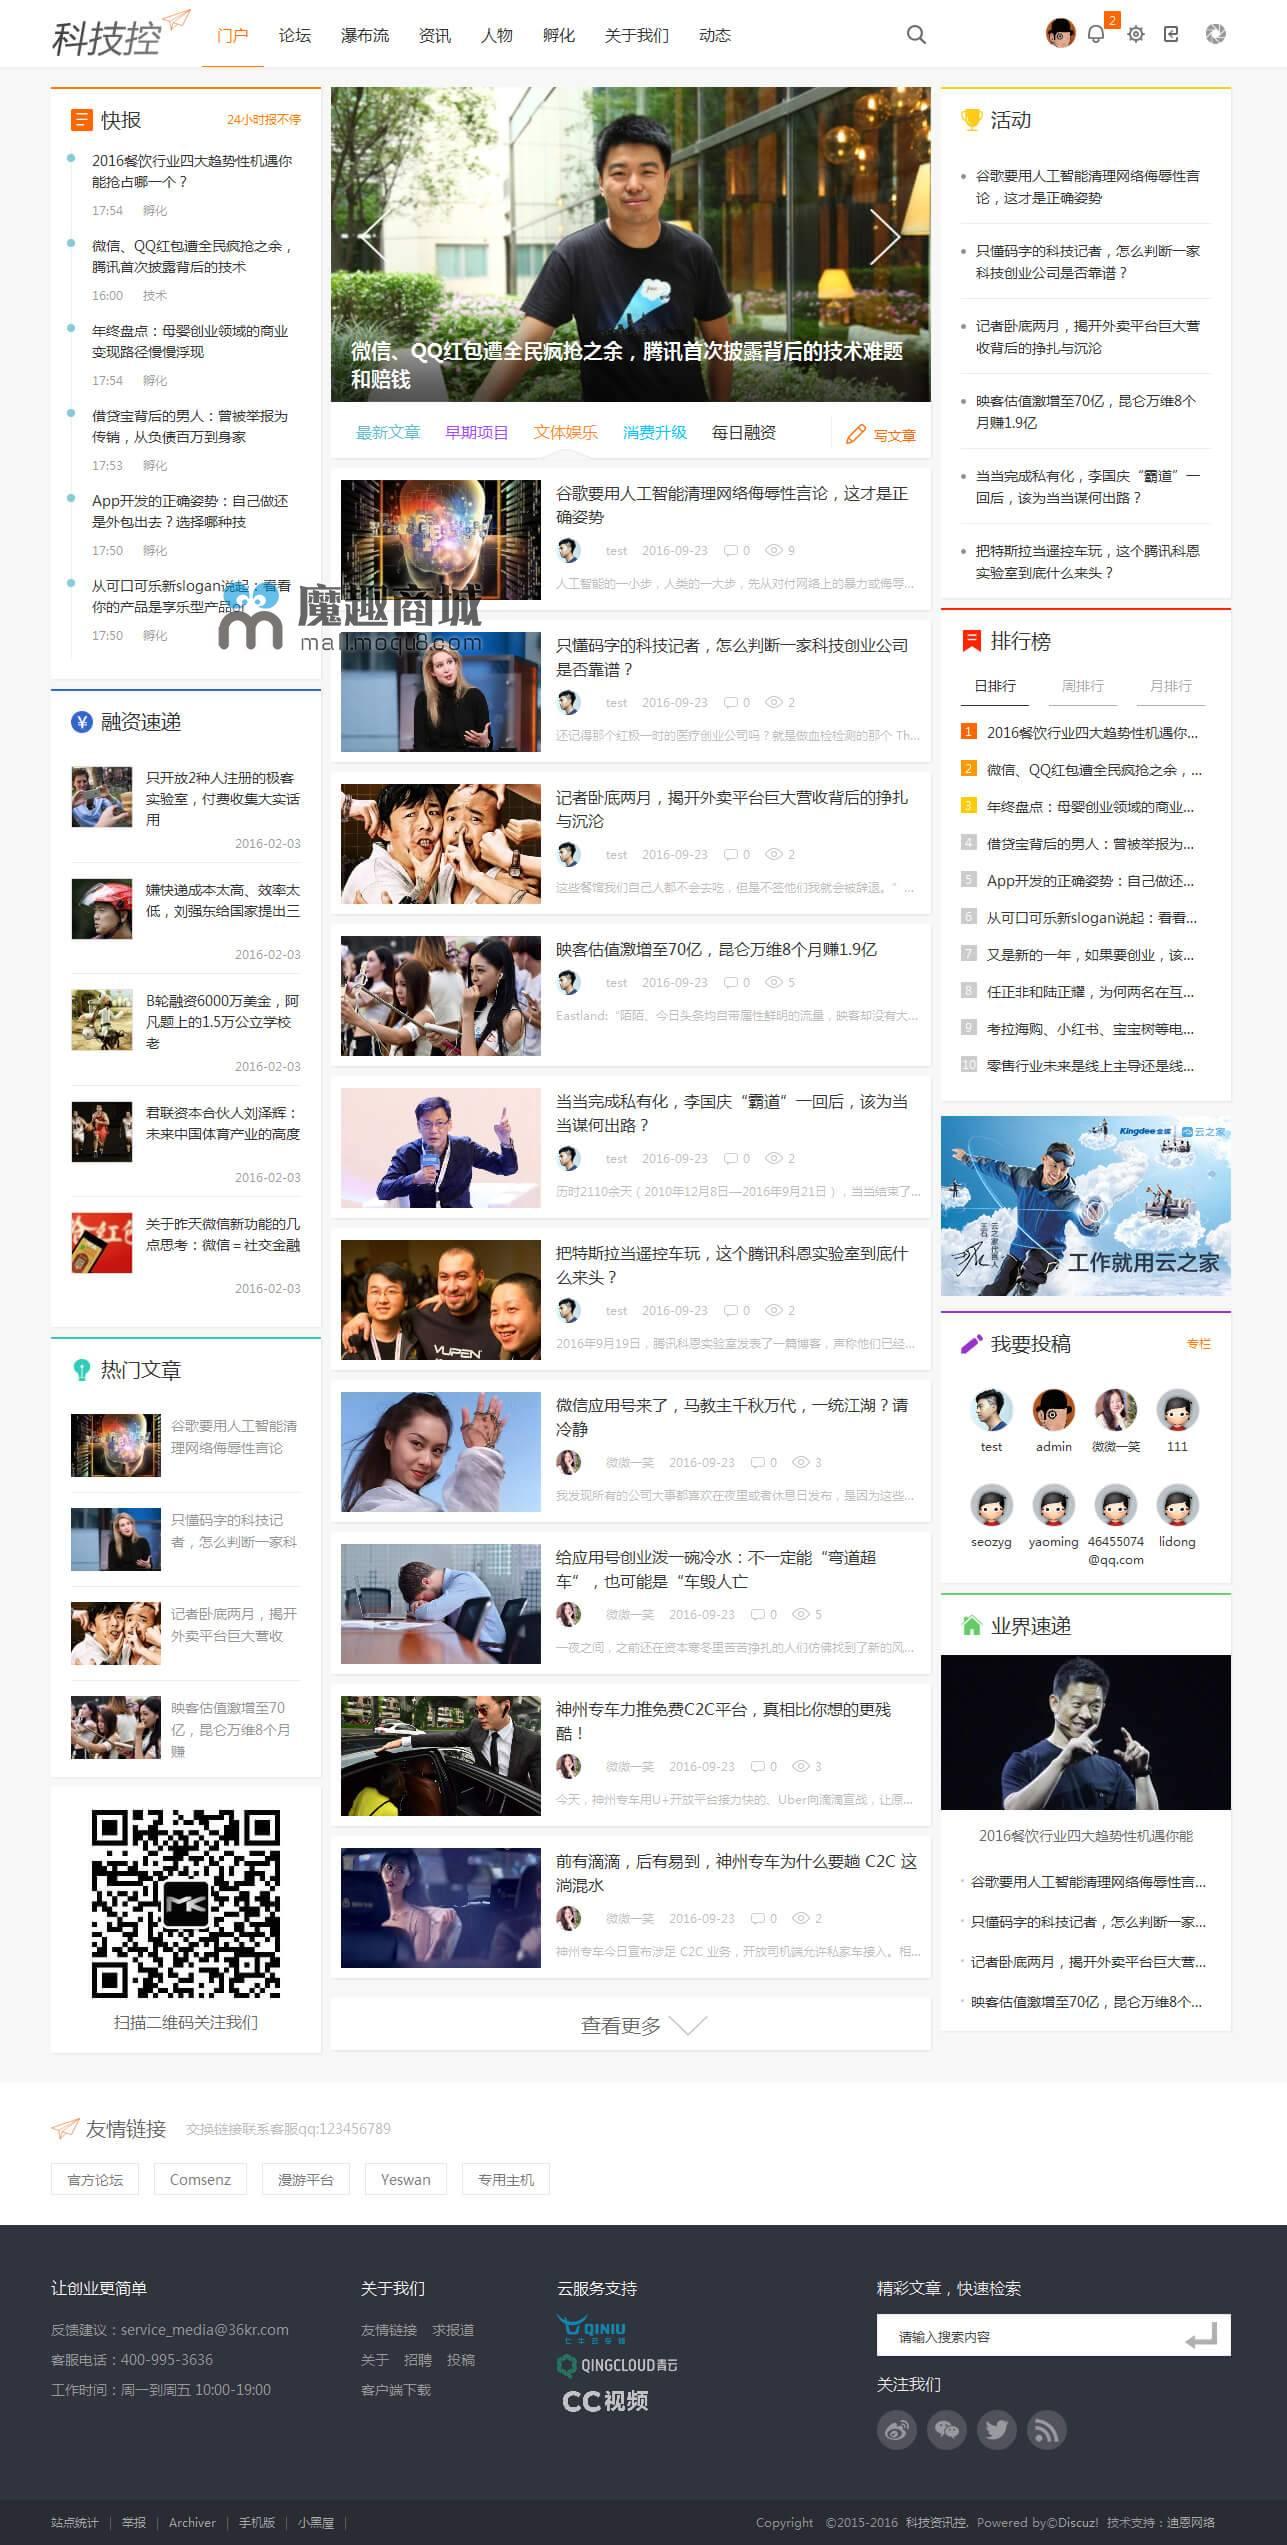 科技范/财经资讯快报/创业模板